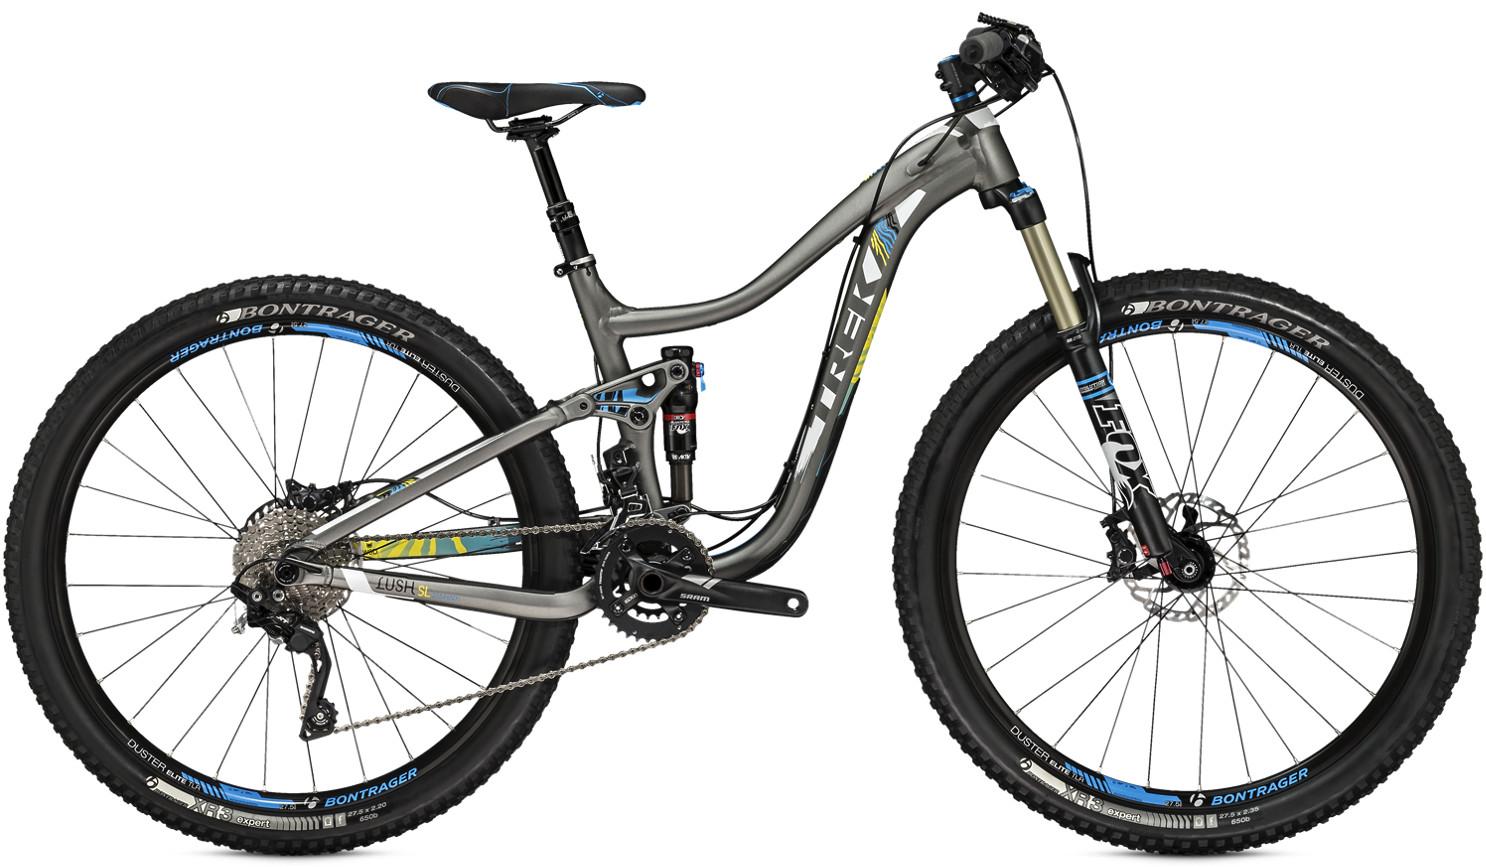 Trek Lush SL 27.5 Bike